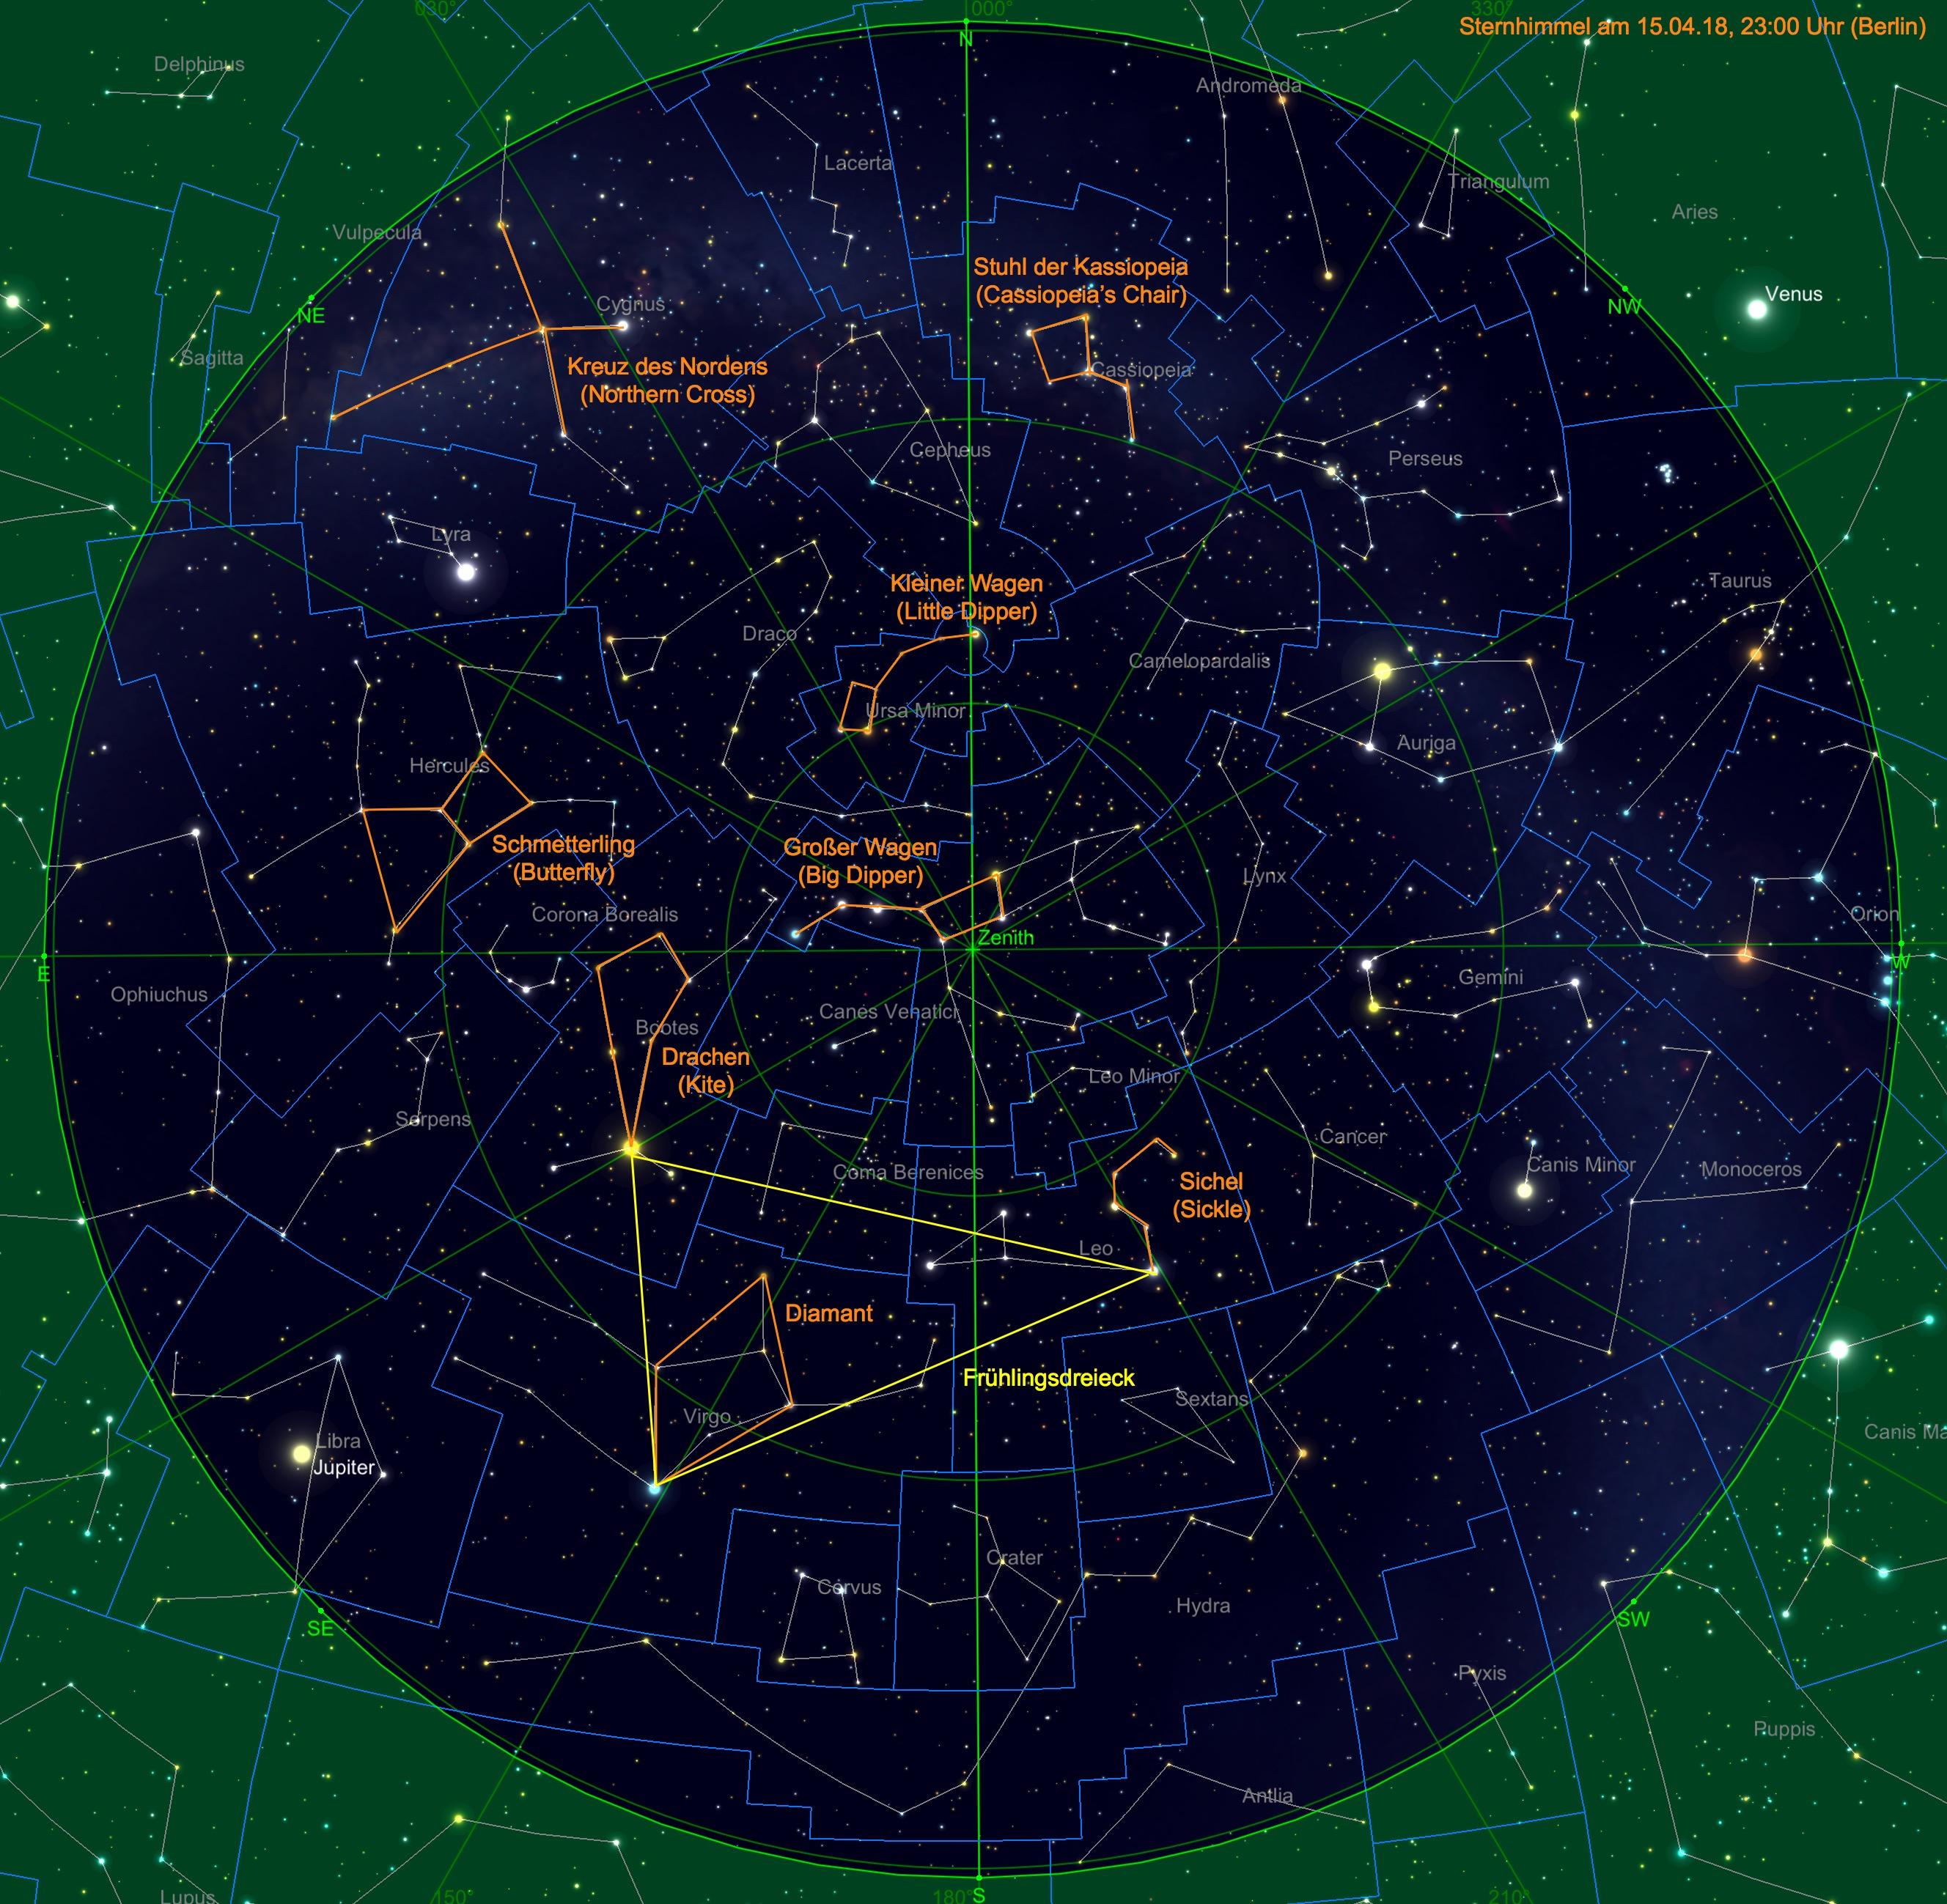 Teleskop astronomi fizik siri yarlagadda evren ve astronomi